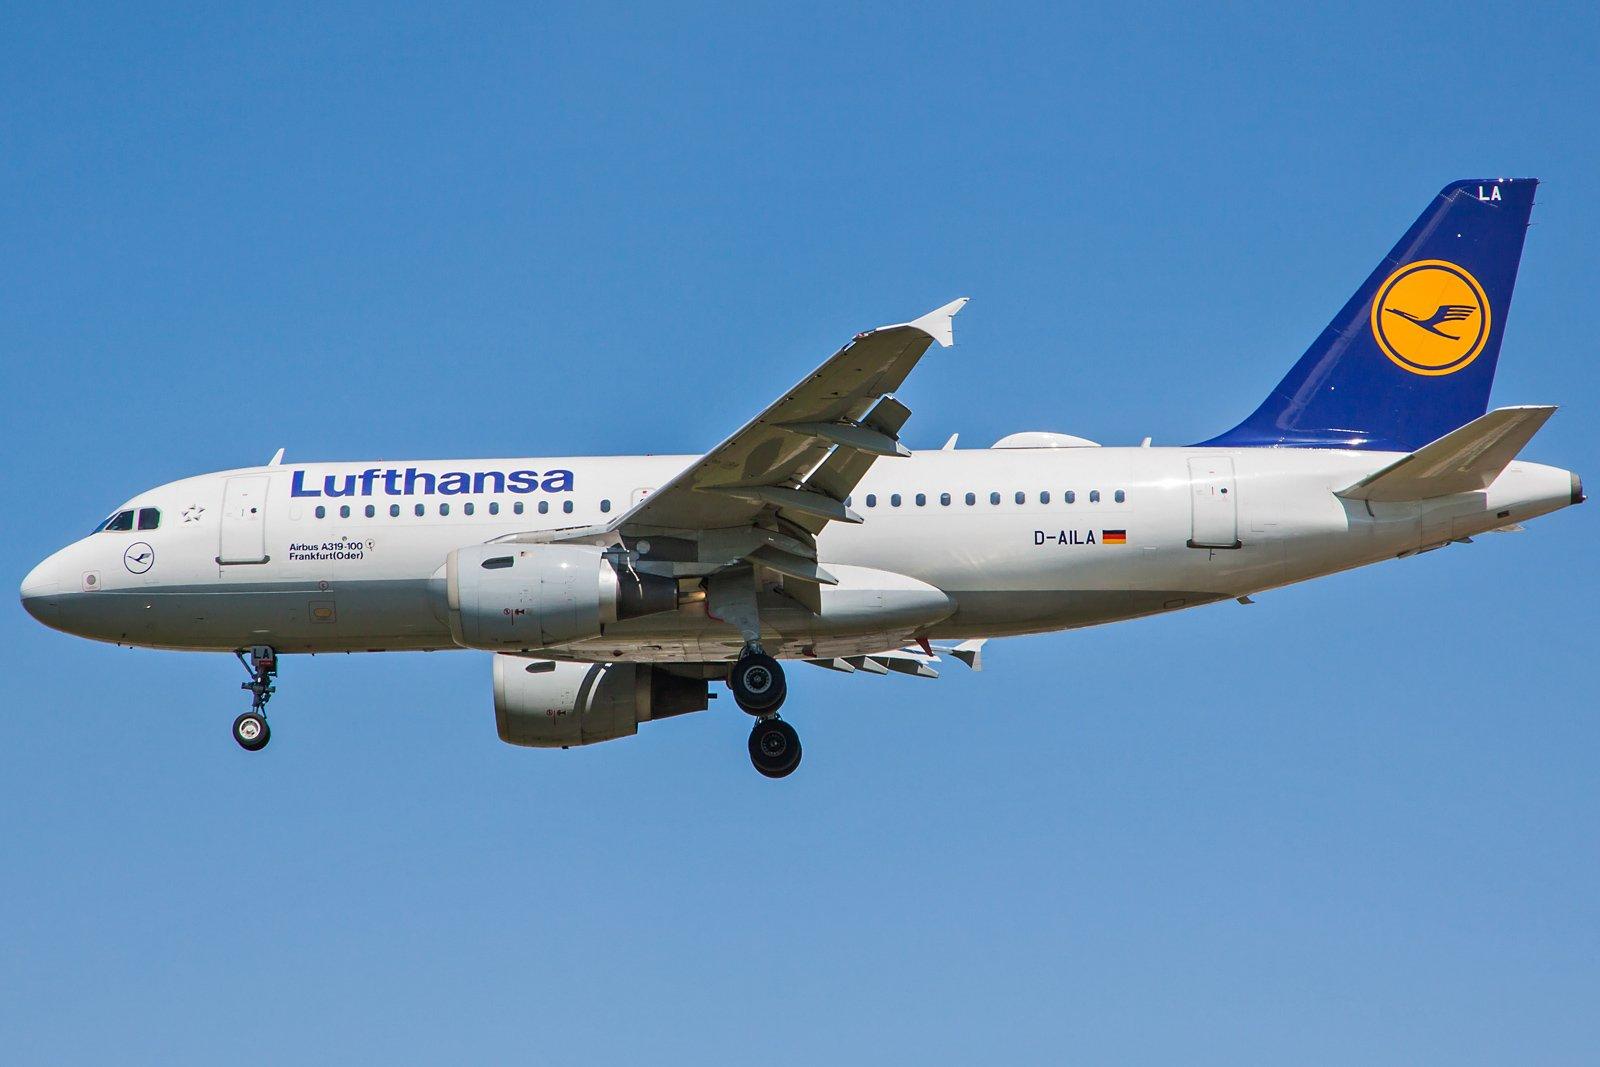 Lufthansa Airbus A319-114 D-AILA